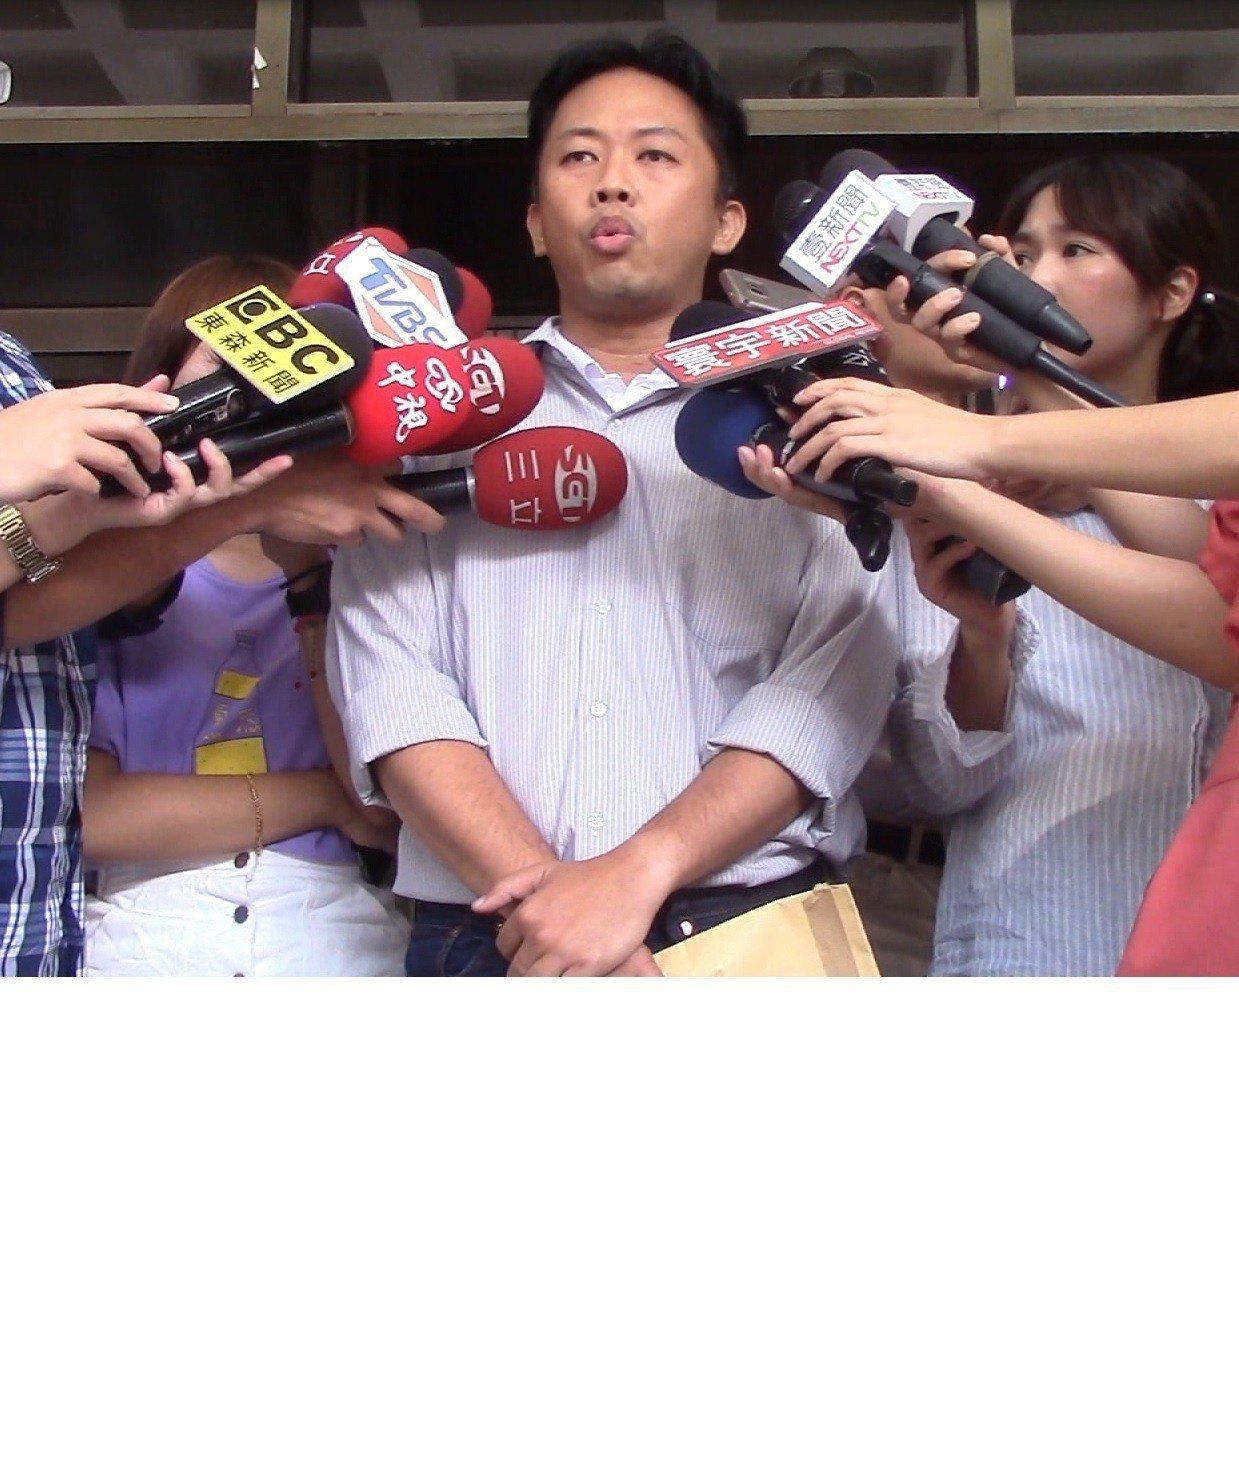 國民黨台北市中正萬華議員參選人林冠勳爆出涉嫌酒駕肇逃,甚至事後找人「頂包」,遭國...